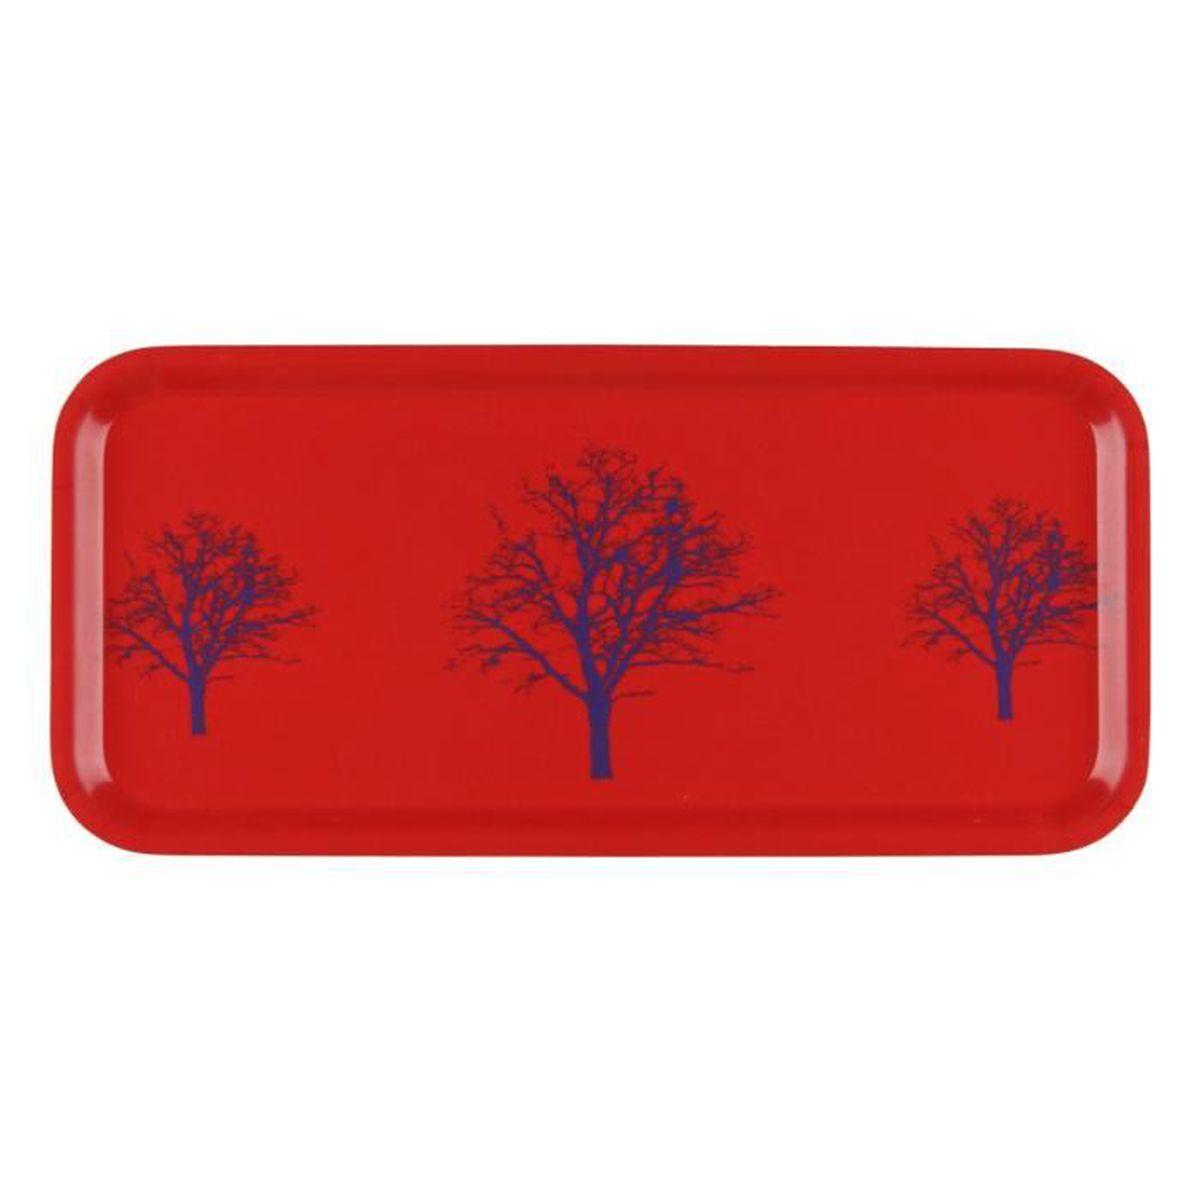 Plateau cocktail bois gris anthracite 32 x 15cm arbre hiver rouge ...